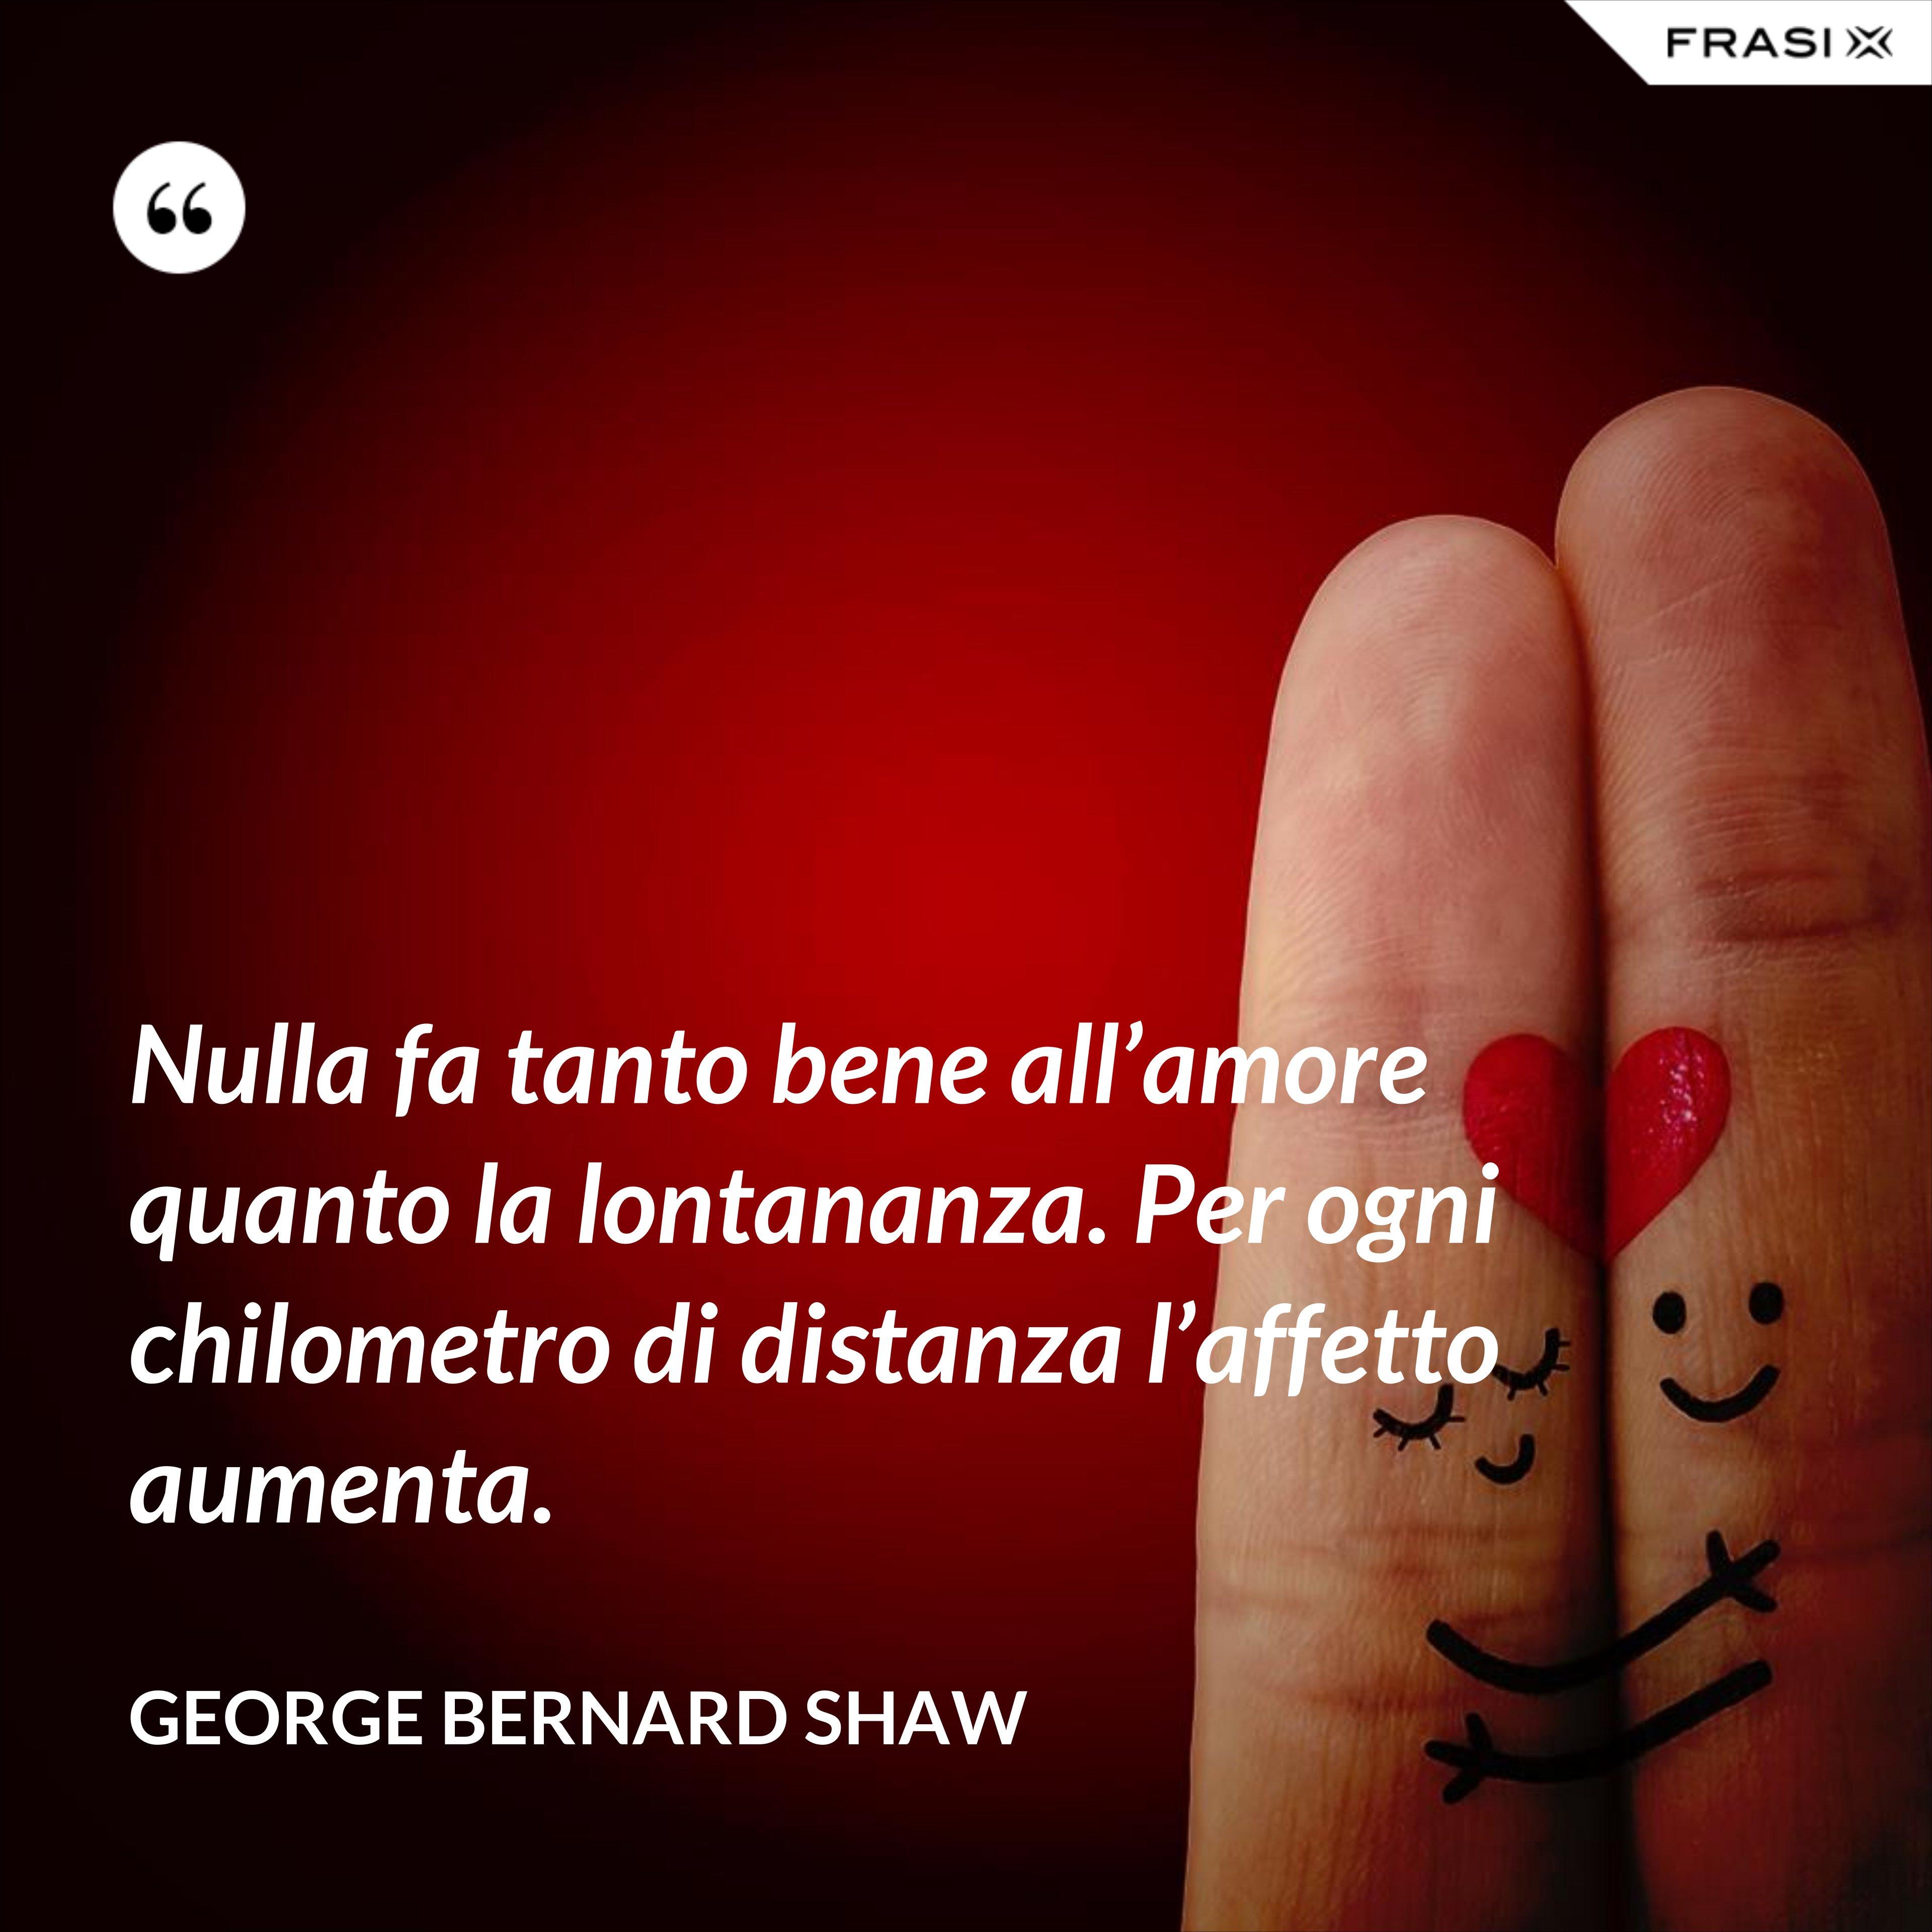 Nulla fa tanto bene all'amore quanto la lontananza. Per ogni chilometro di distanza l'affetto aumenta. - George Bernard Shaw